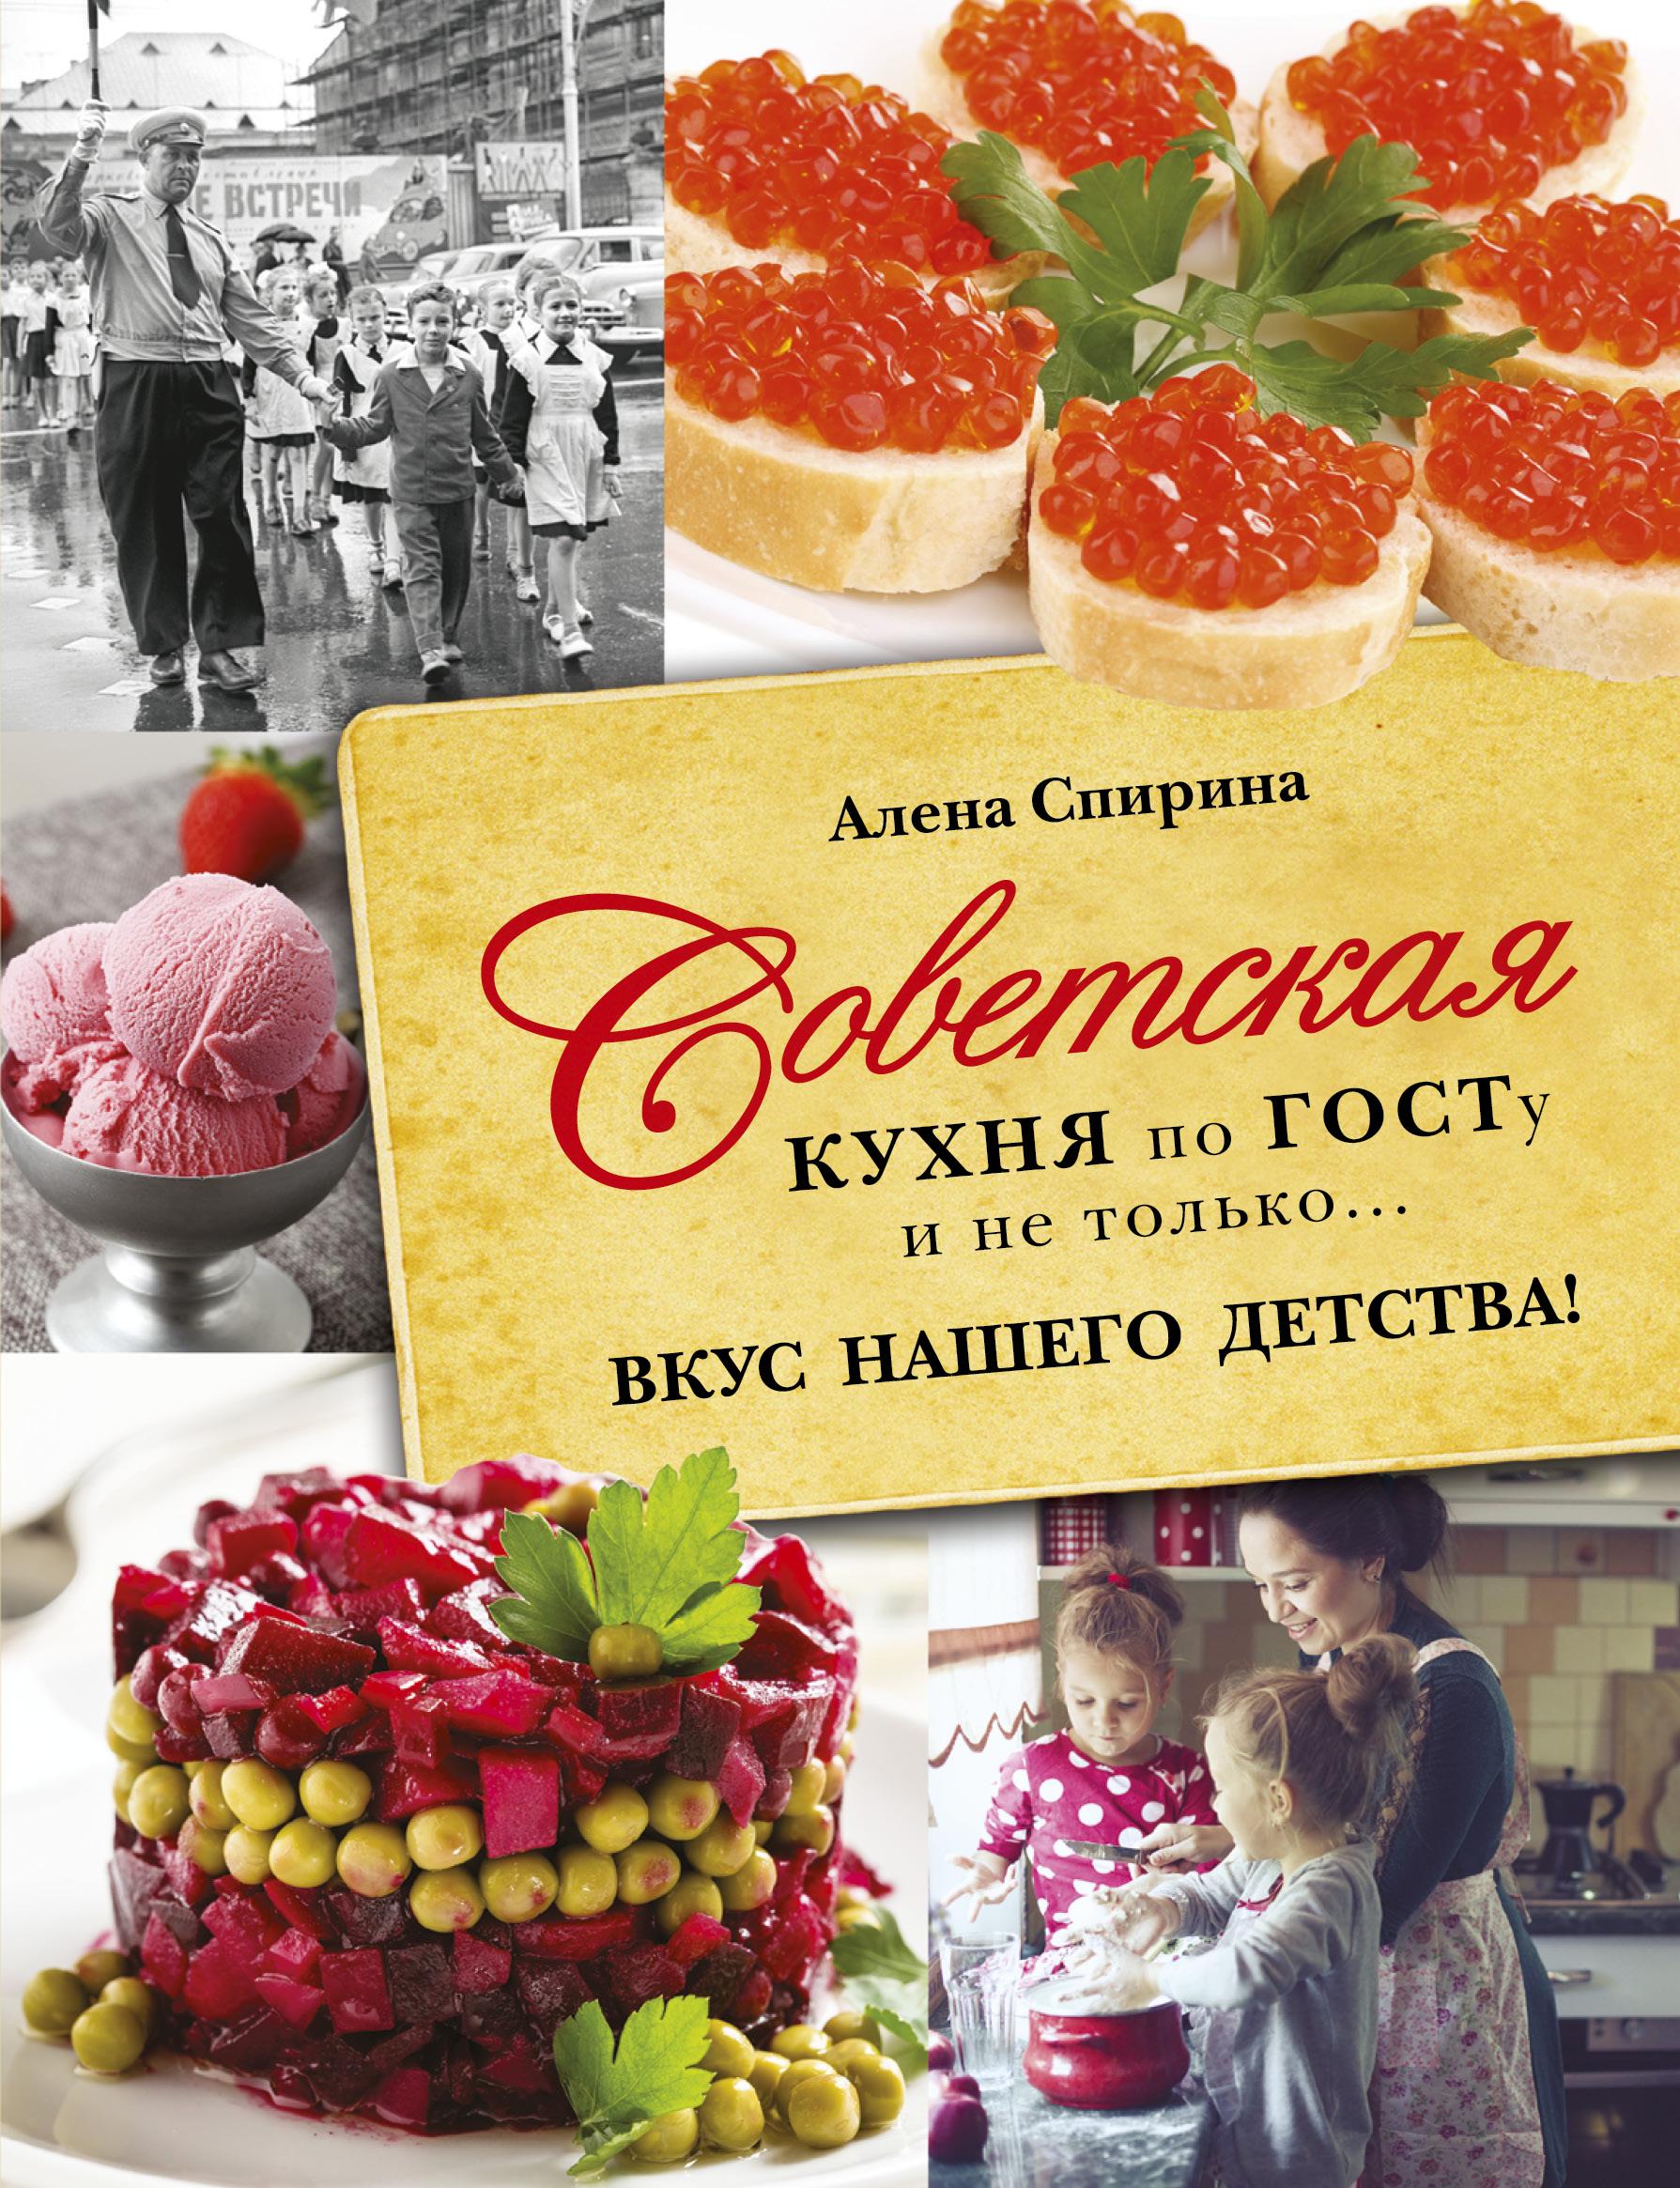 Спирина Е.В. Советская кухня по ГОСТУ и не только .... вкус нашего детства спирина а советская кухня по госту и не только